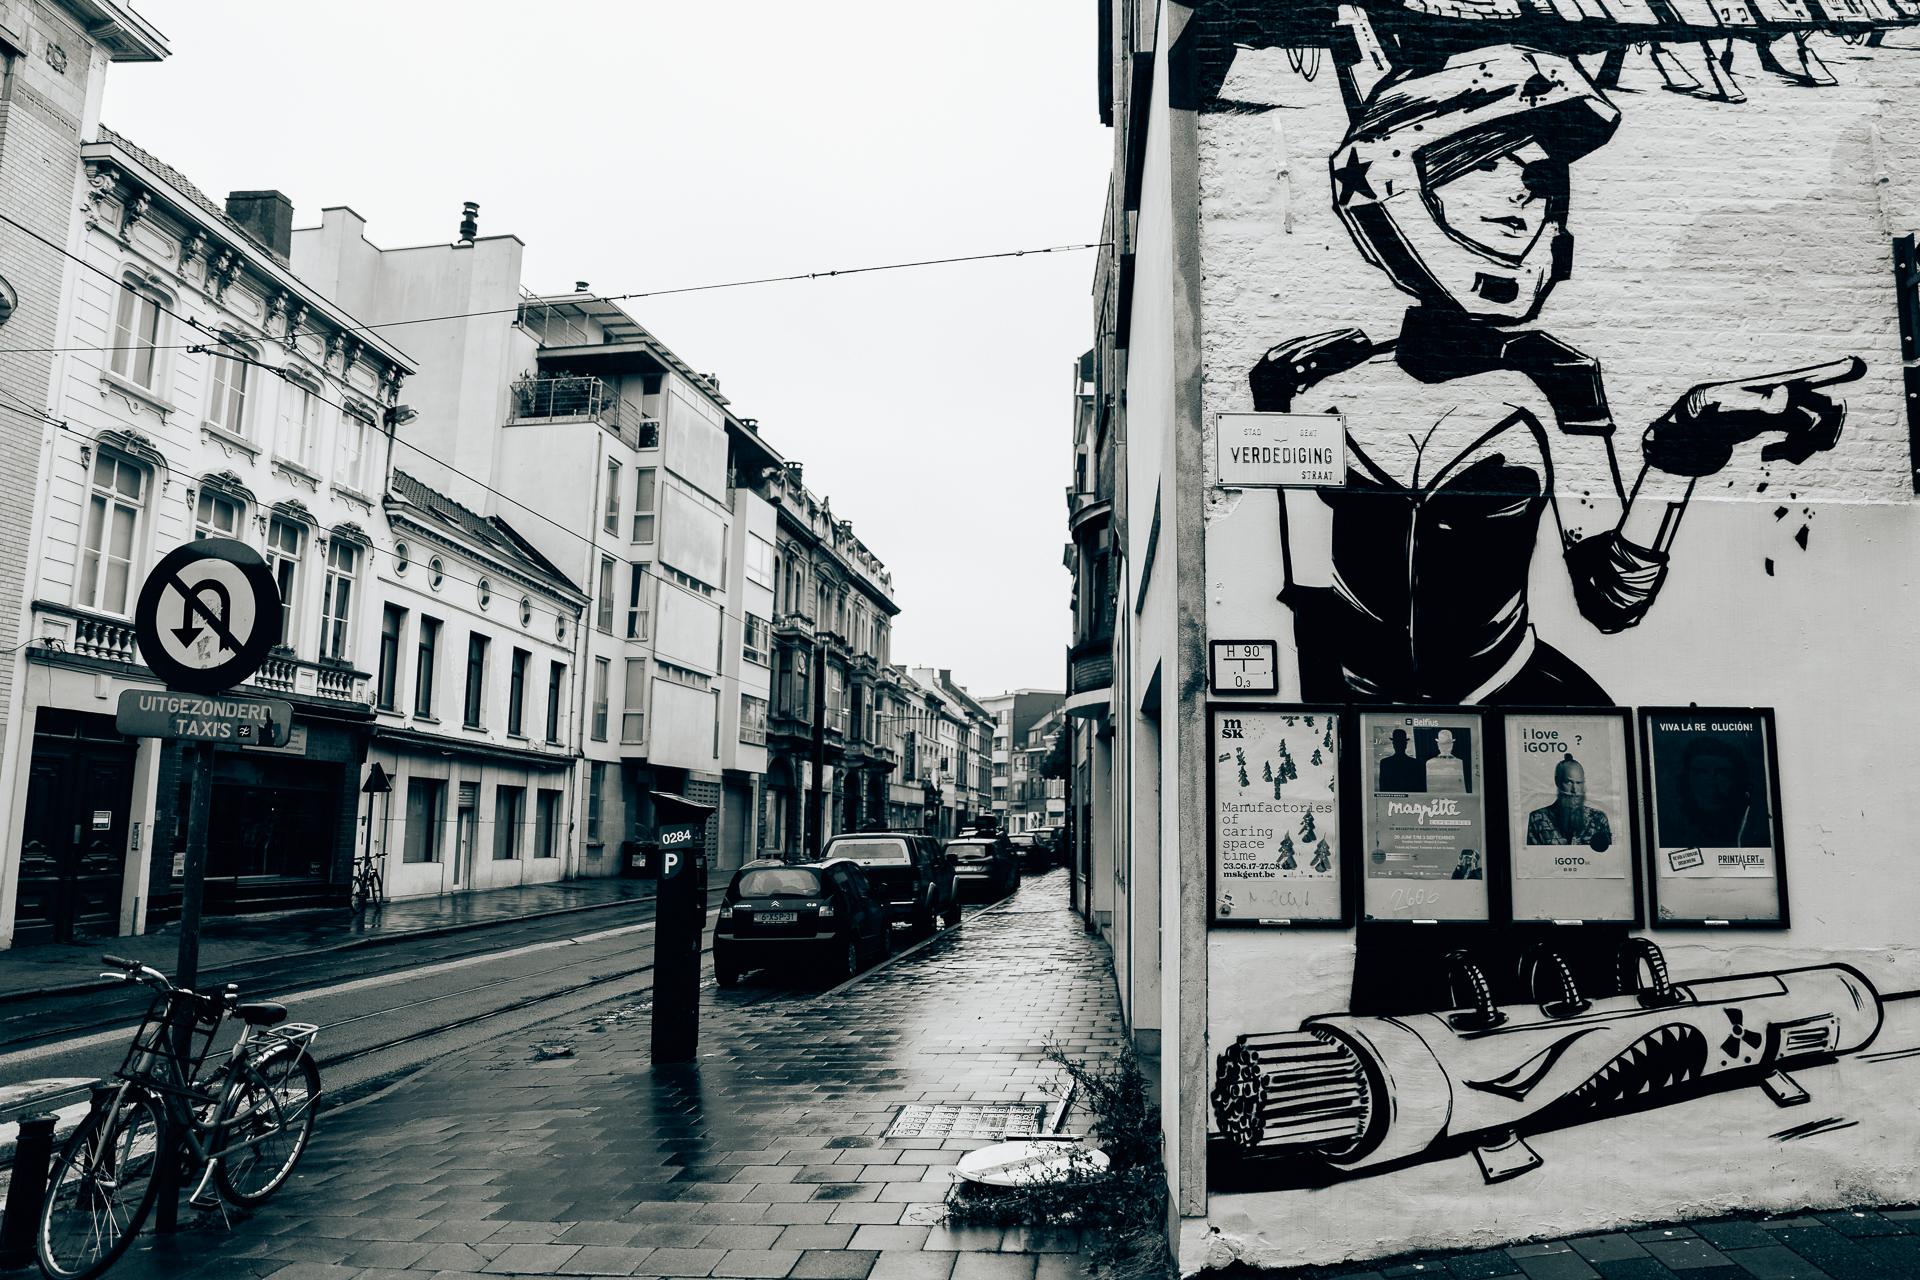 Urban Art - Seepia Fotografie